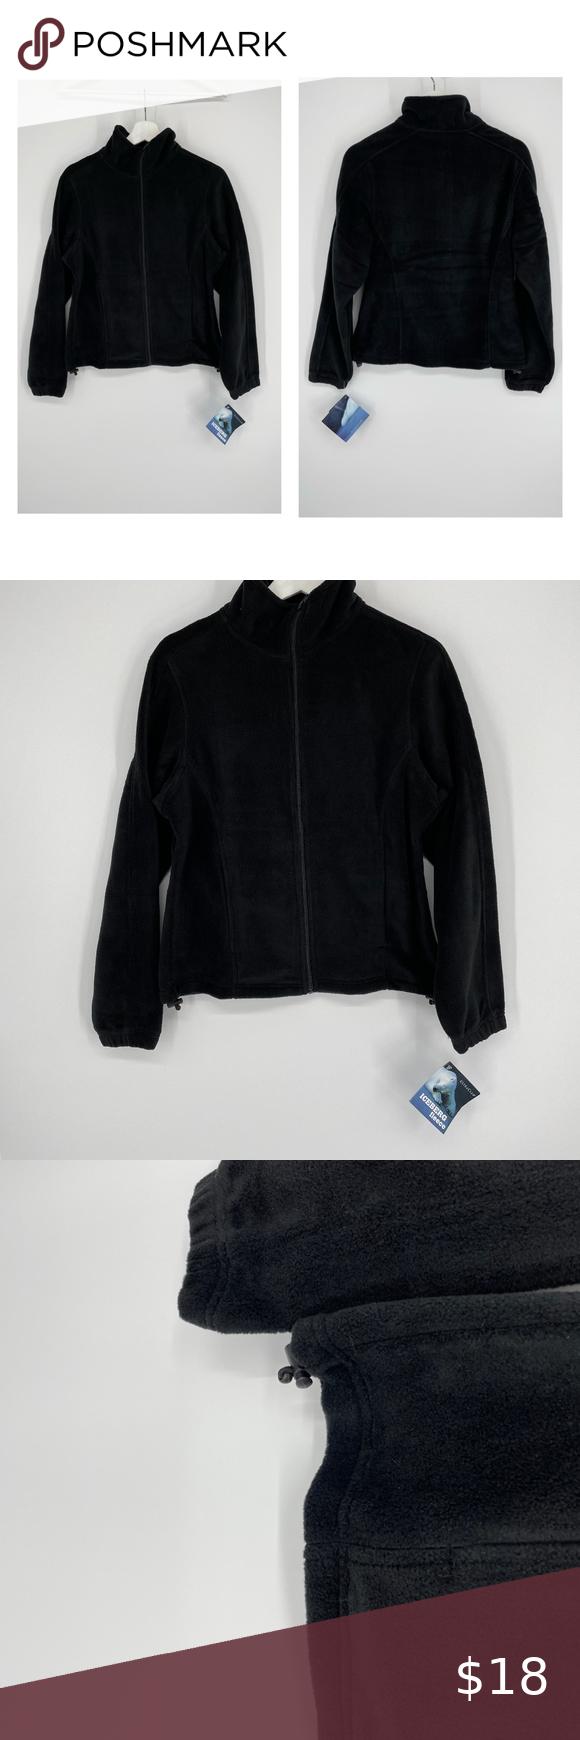 Ultra Club Women S Iceberg Fleece Full Zip Jacket In 2021 Zip Jackets Tan Woman Free People Jean Jacket [ 1740 x 580 Pixel ]